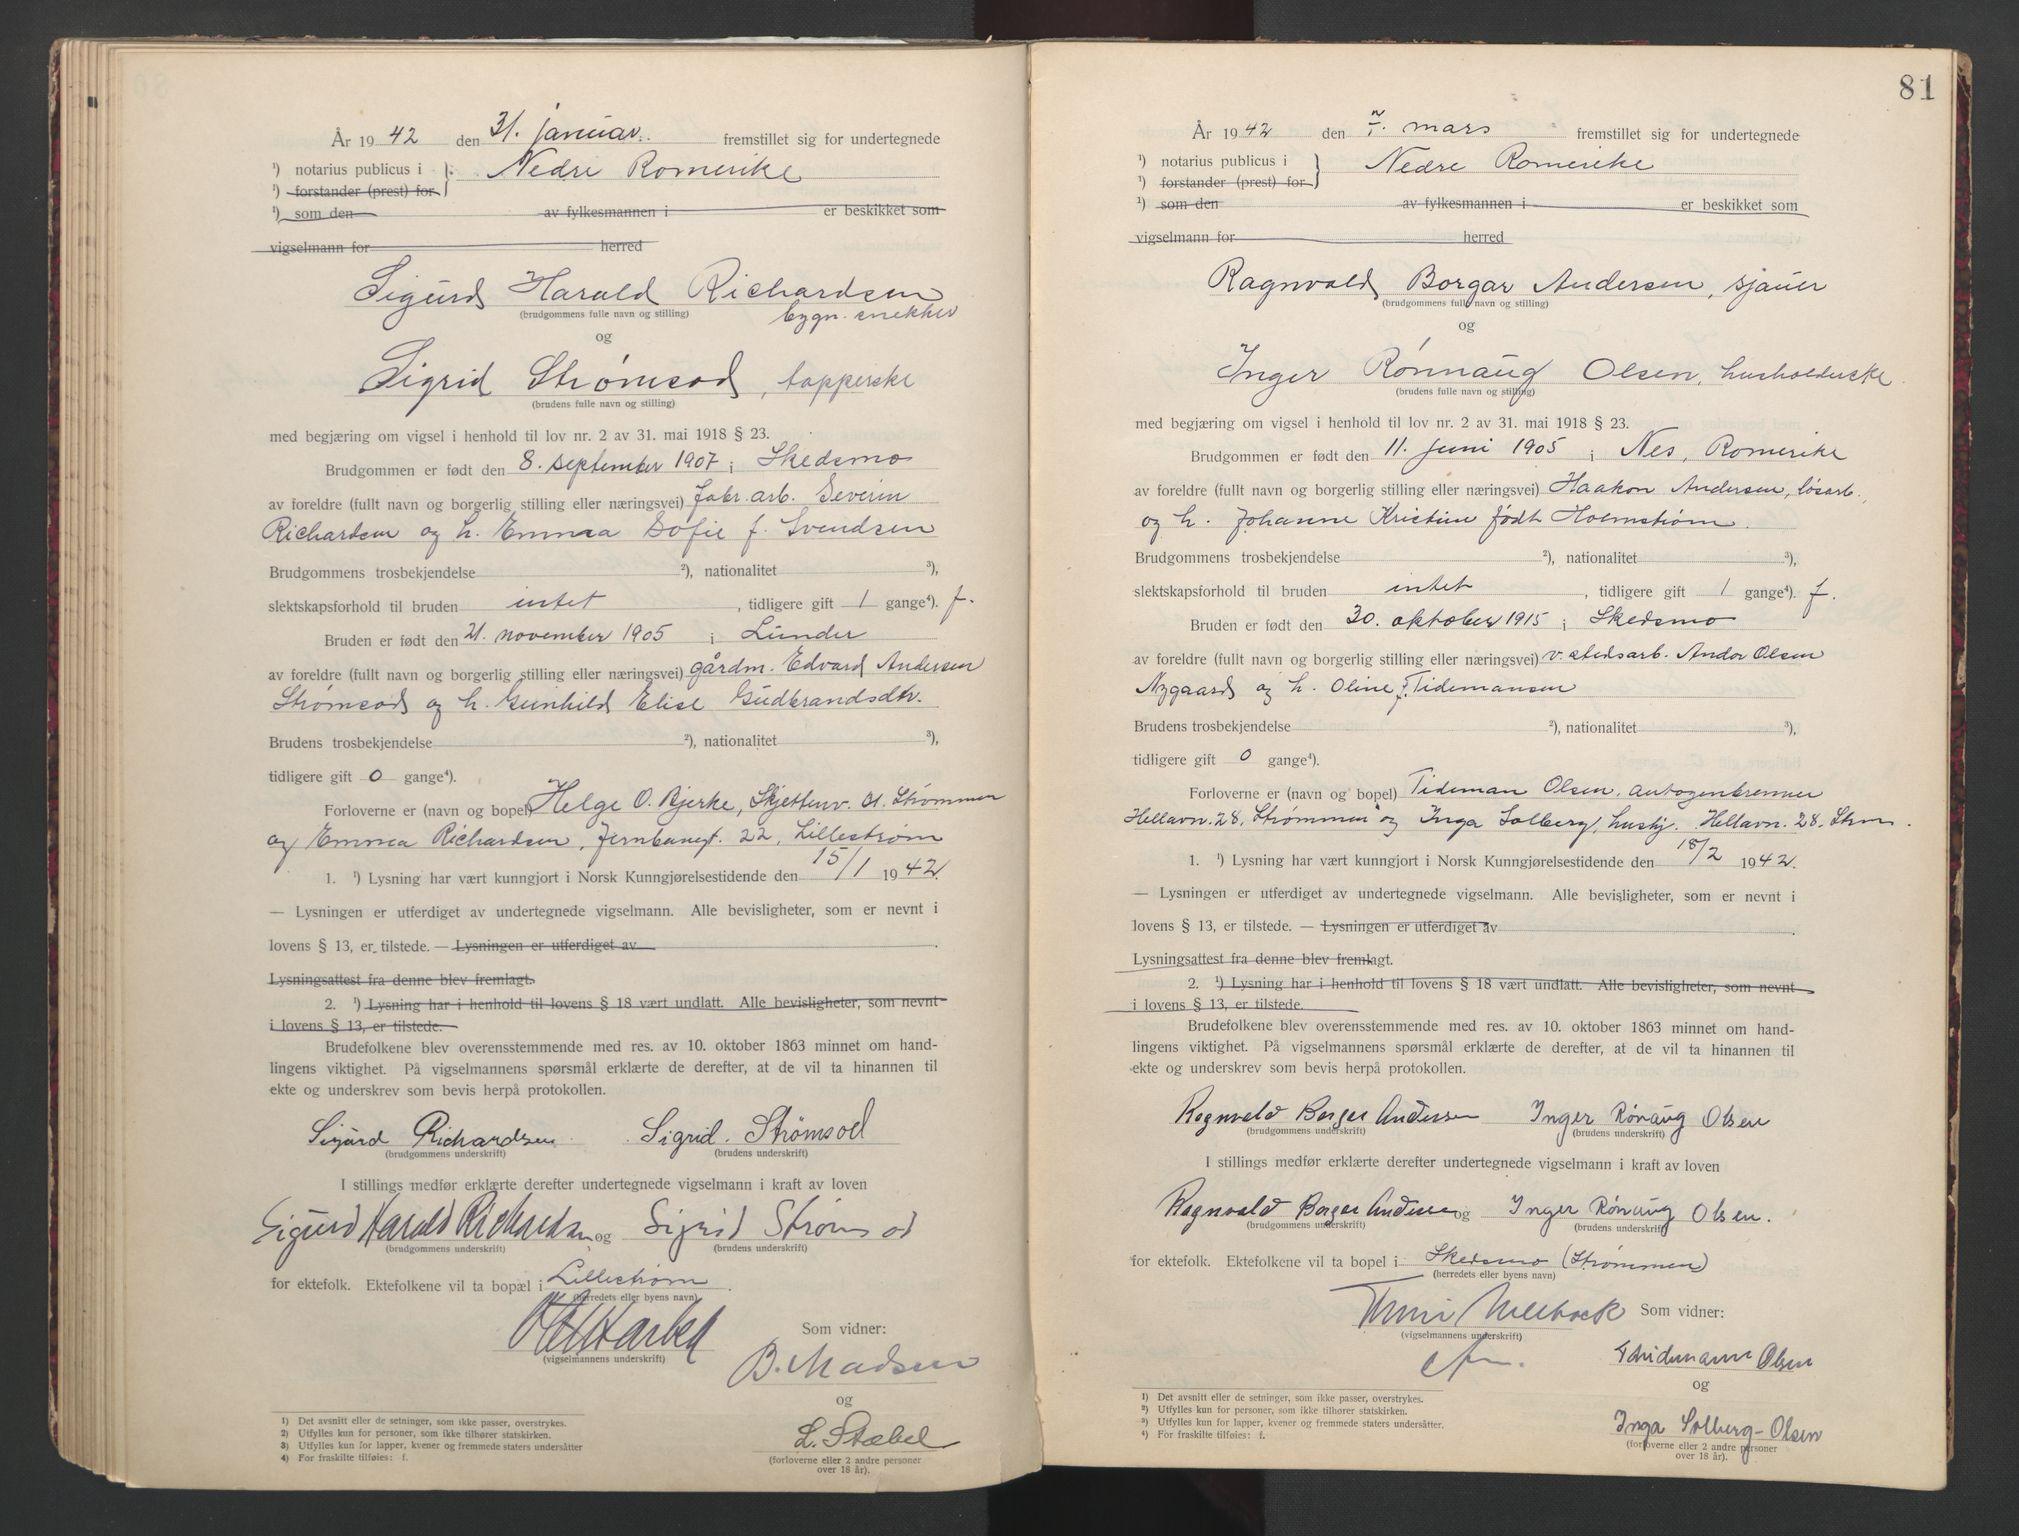 SAO, Nedre Romerike sorenskriveri, L/Lb/L0002: Vigselsbok - borgerlige vielser, 1935-1942, s. 81